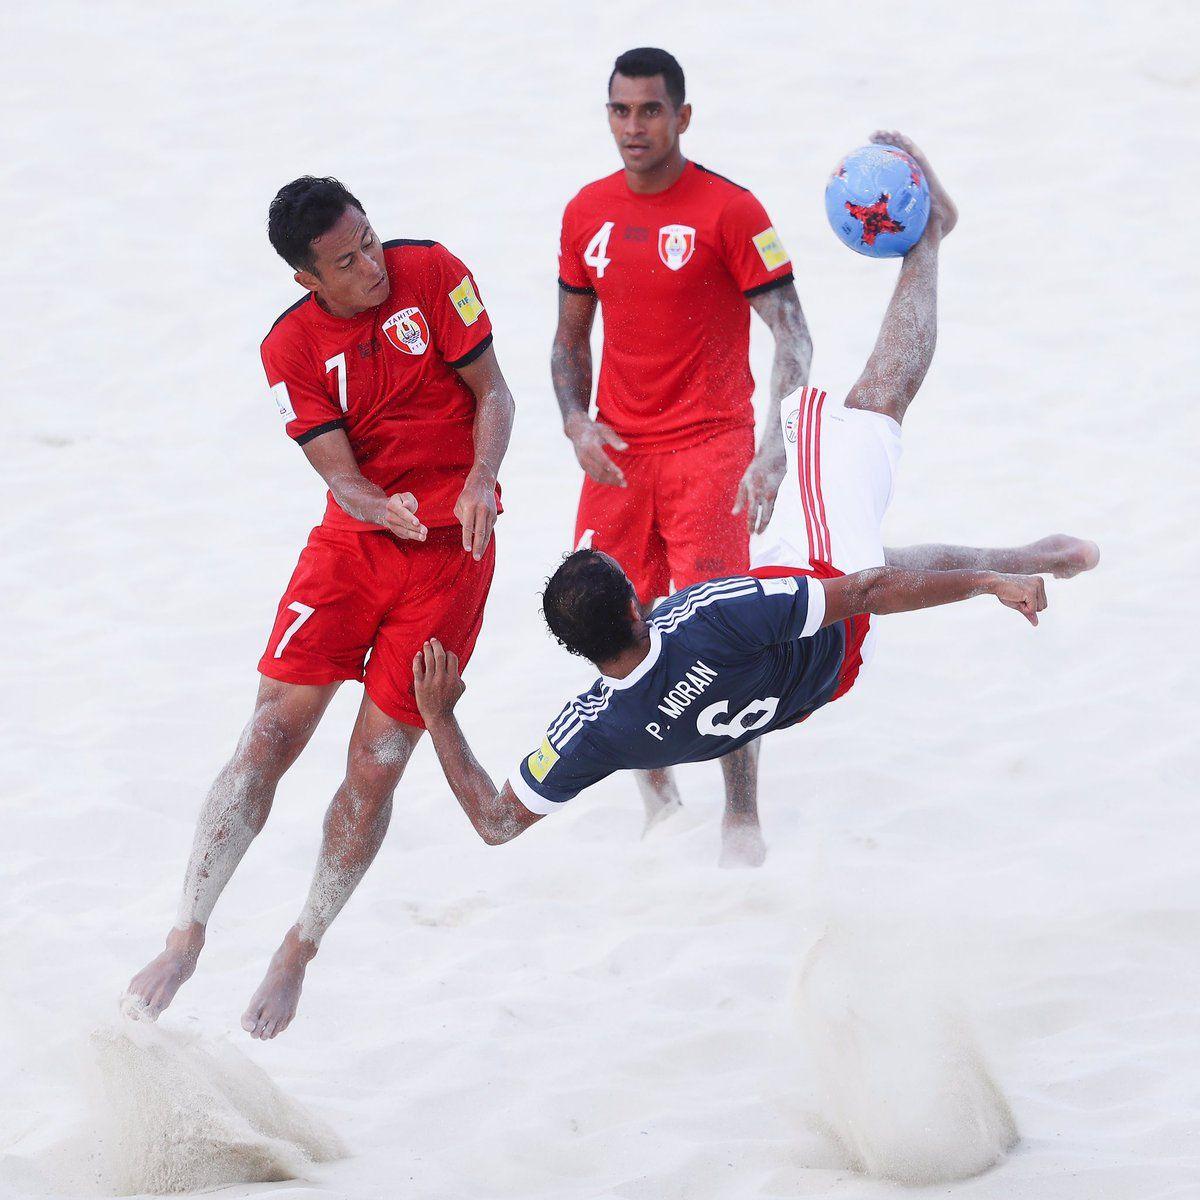 Pedro Morán ensaya una chilena frente a Tahití. Foto: @BeachSoccerPy